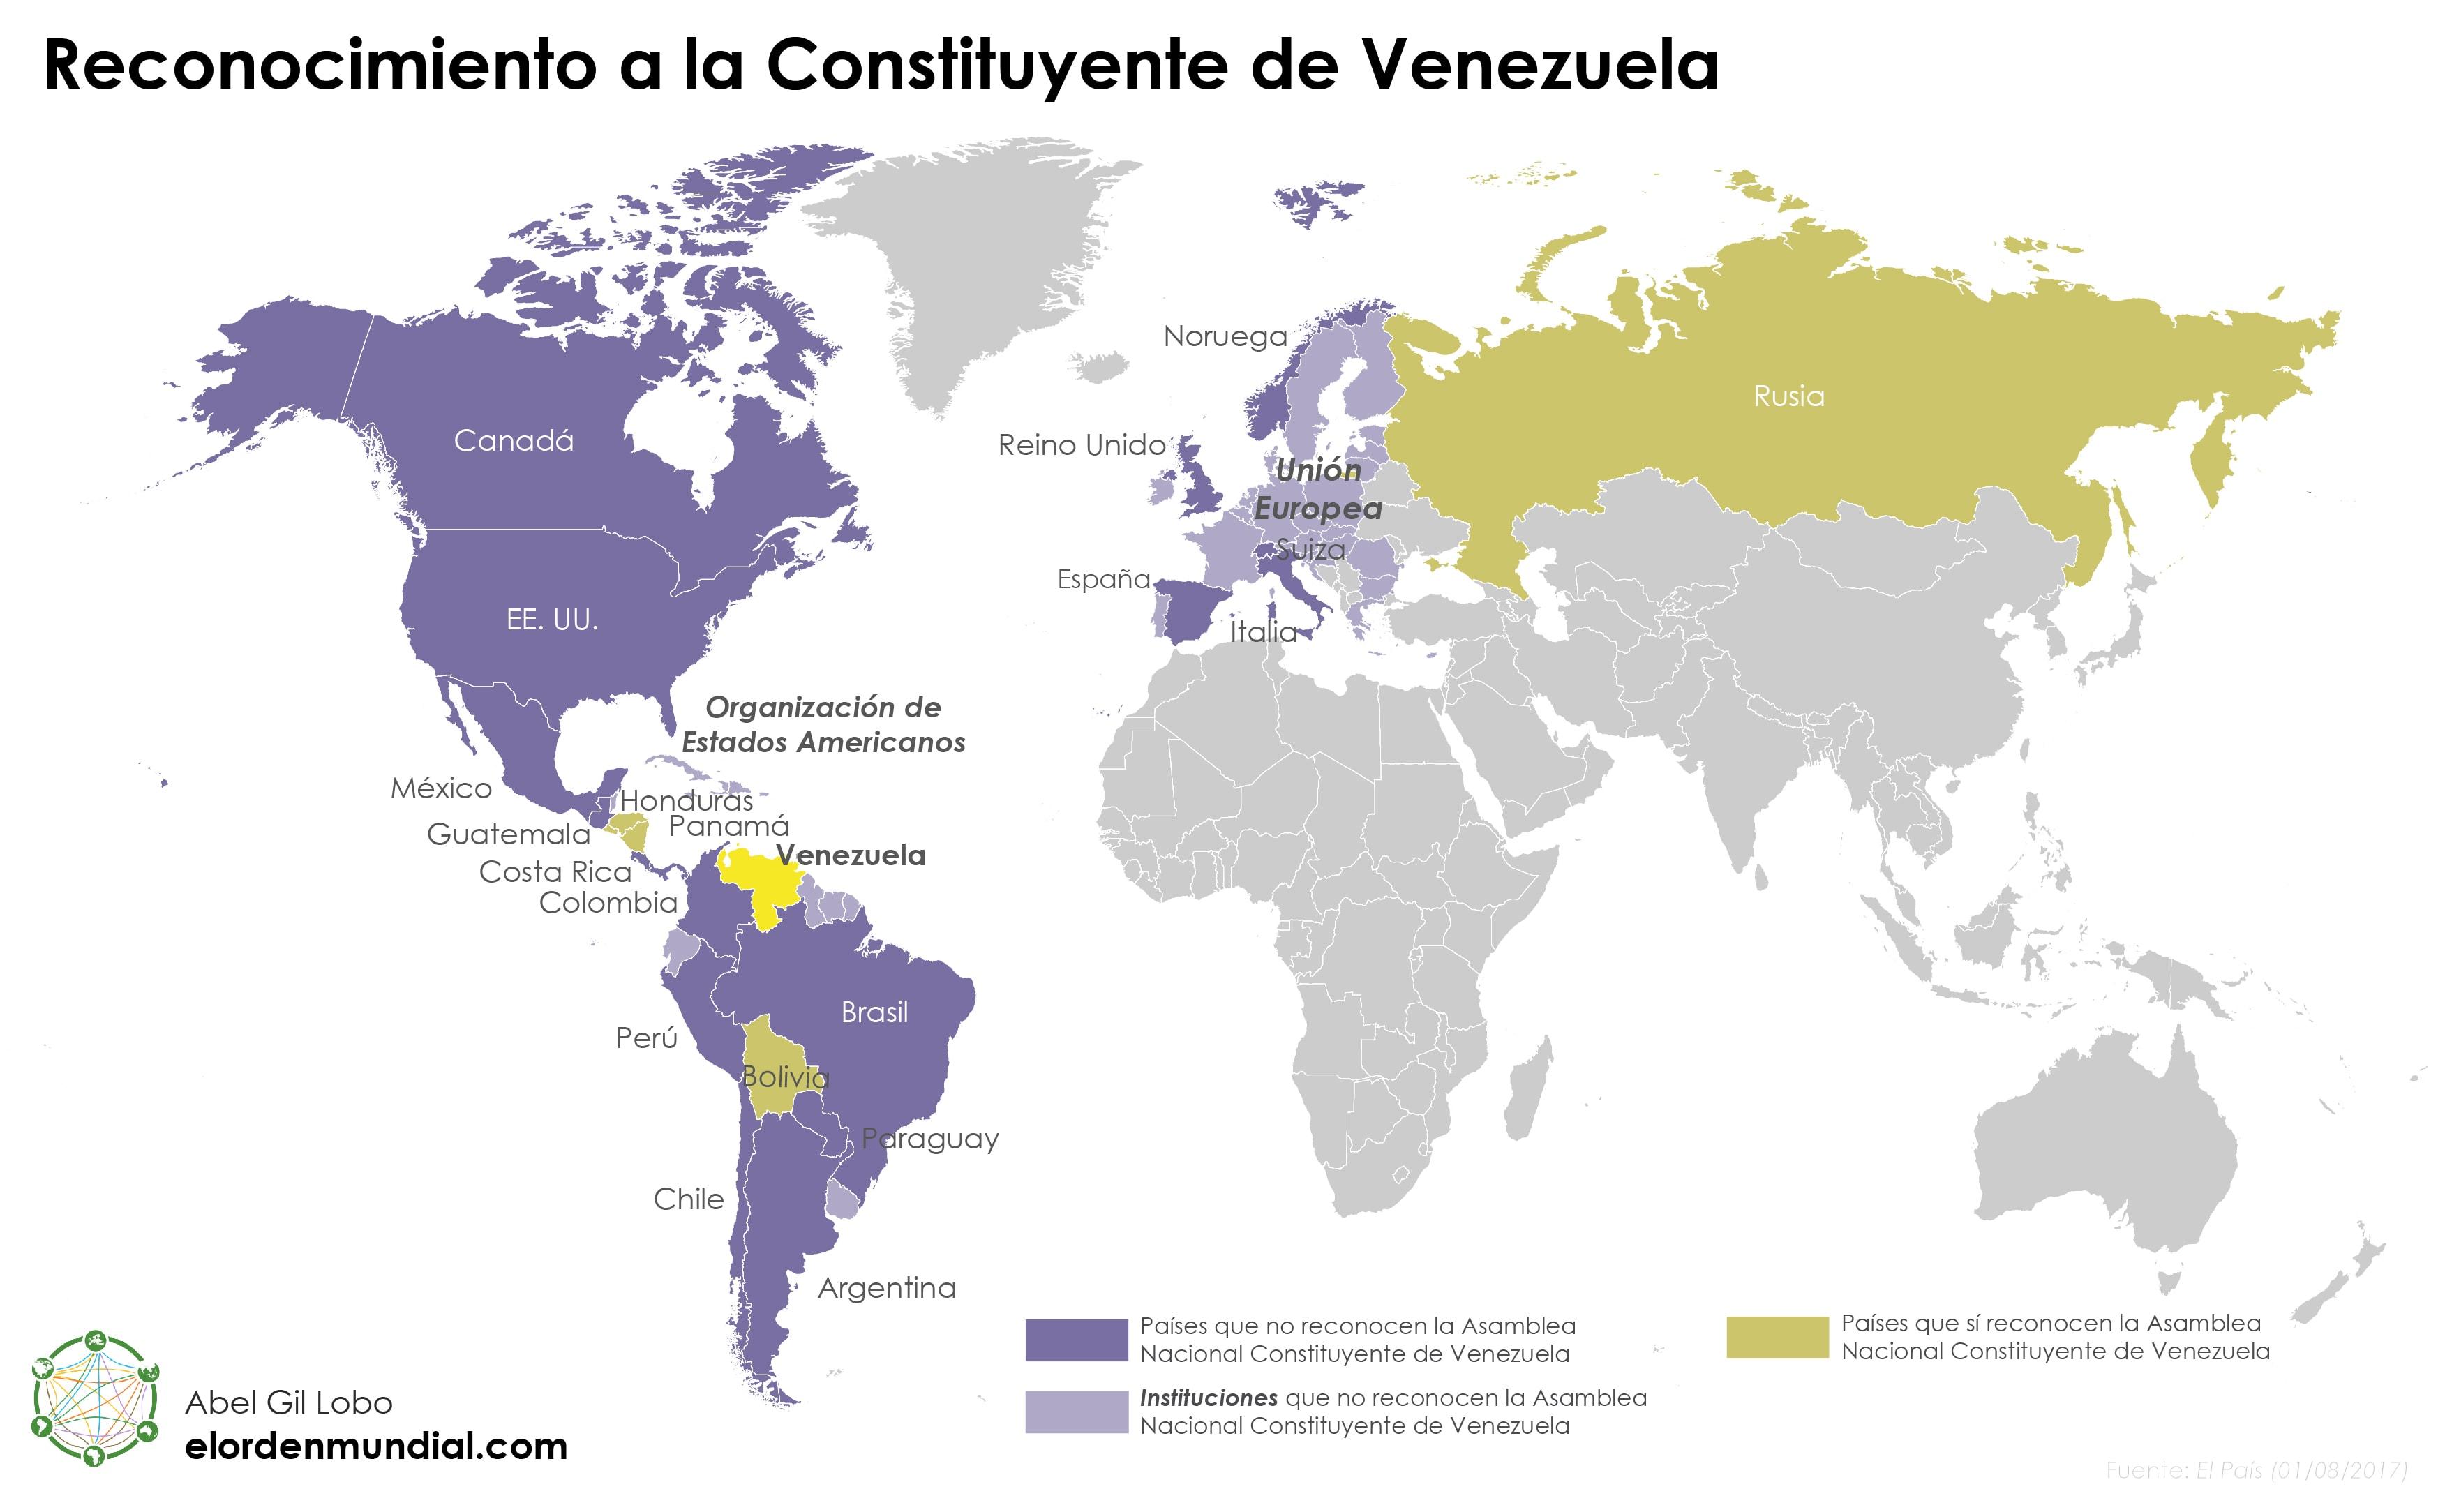 1. Reconocimiento Constituyente Venezuela 01